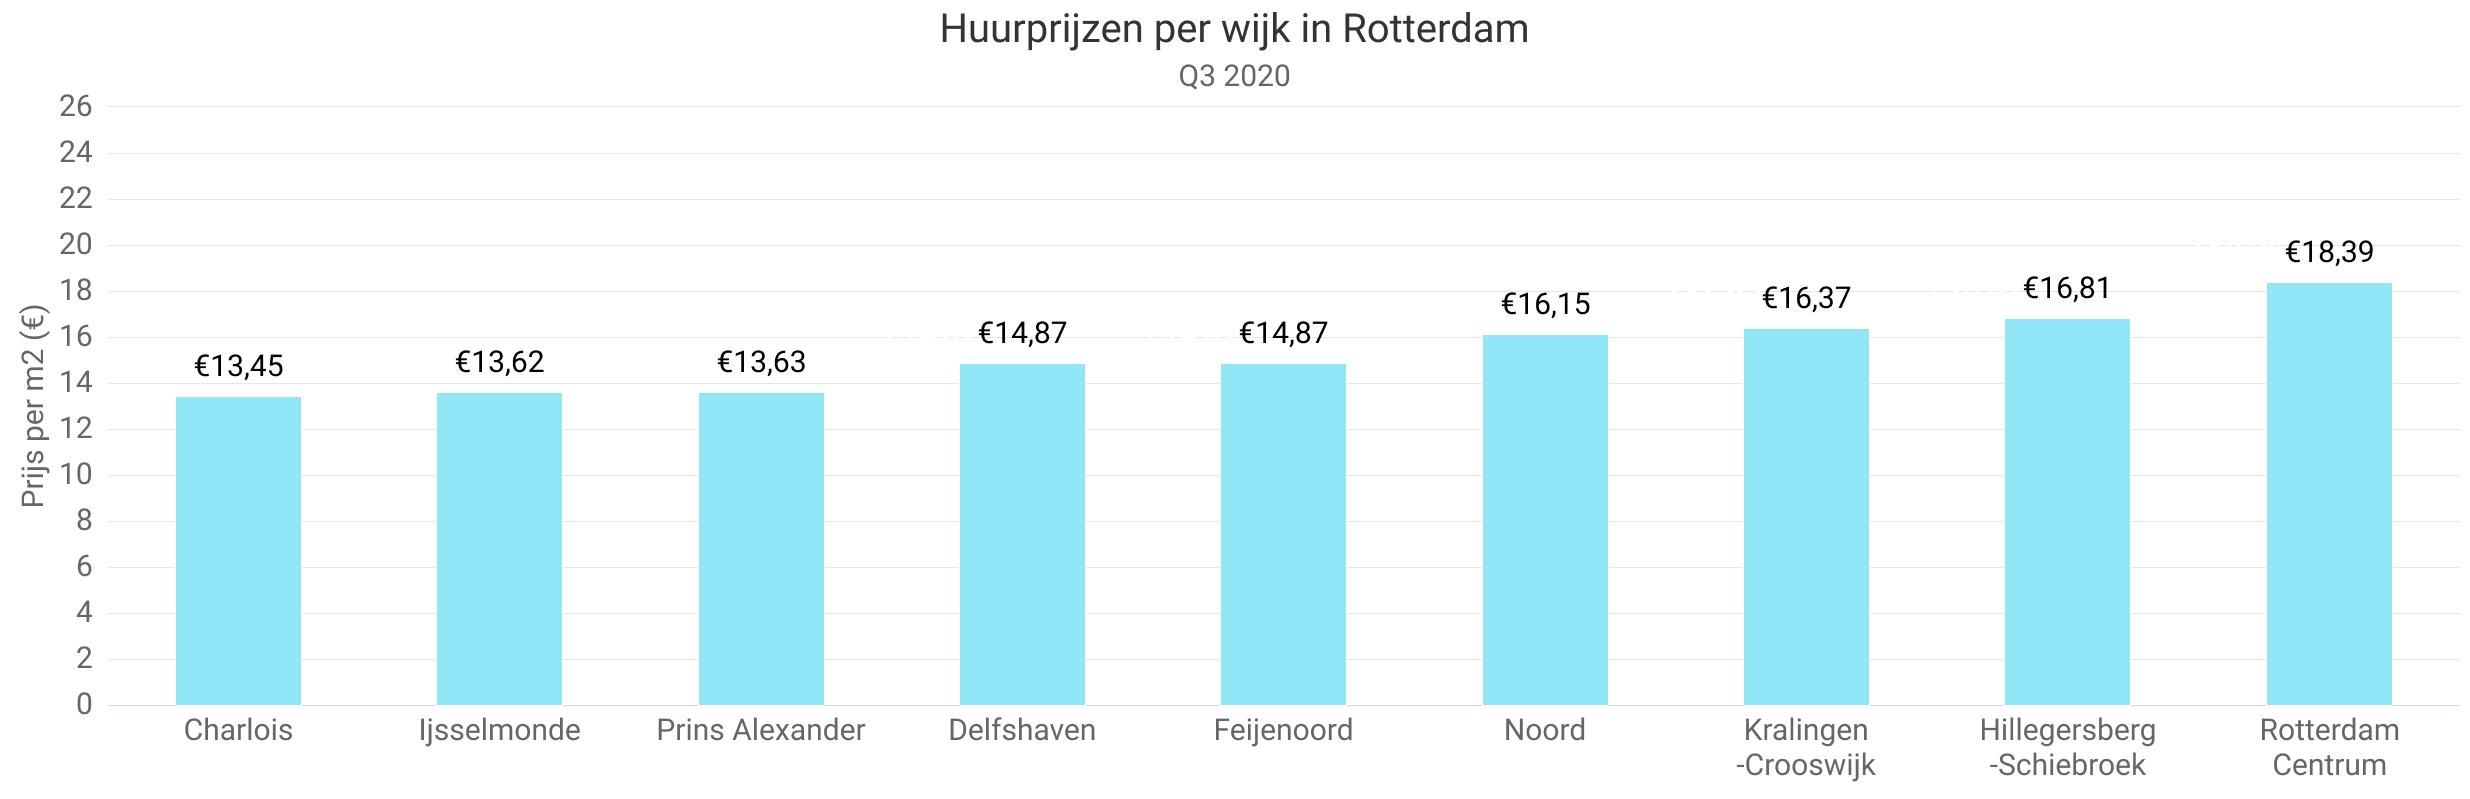 huurprijzen kwartaal 3 per wijk rotterdam pararius